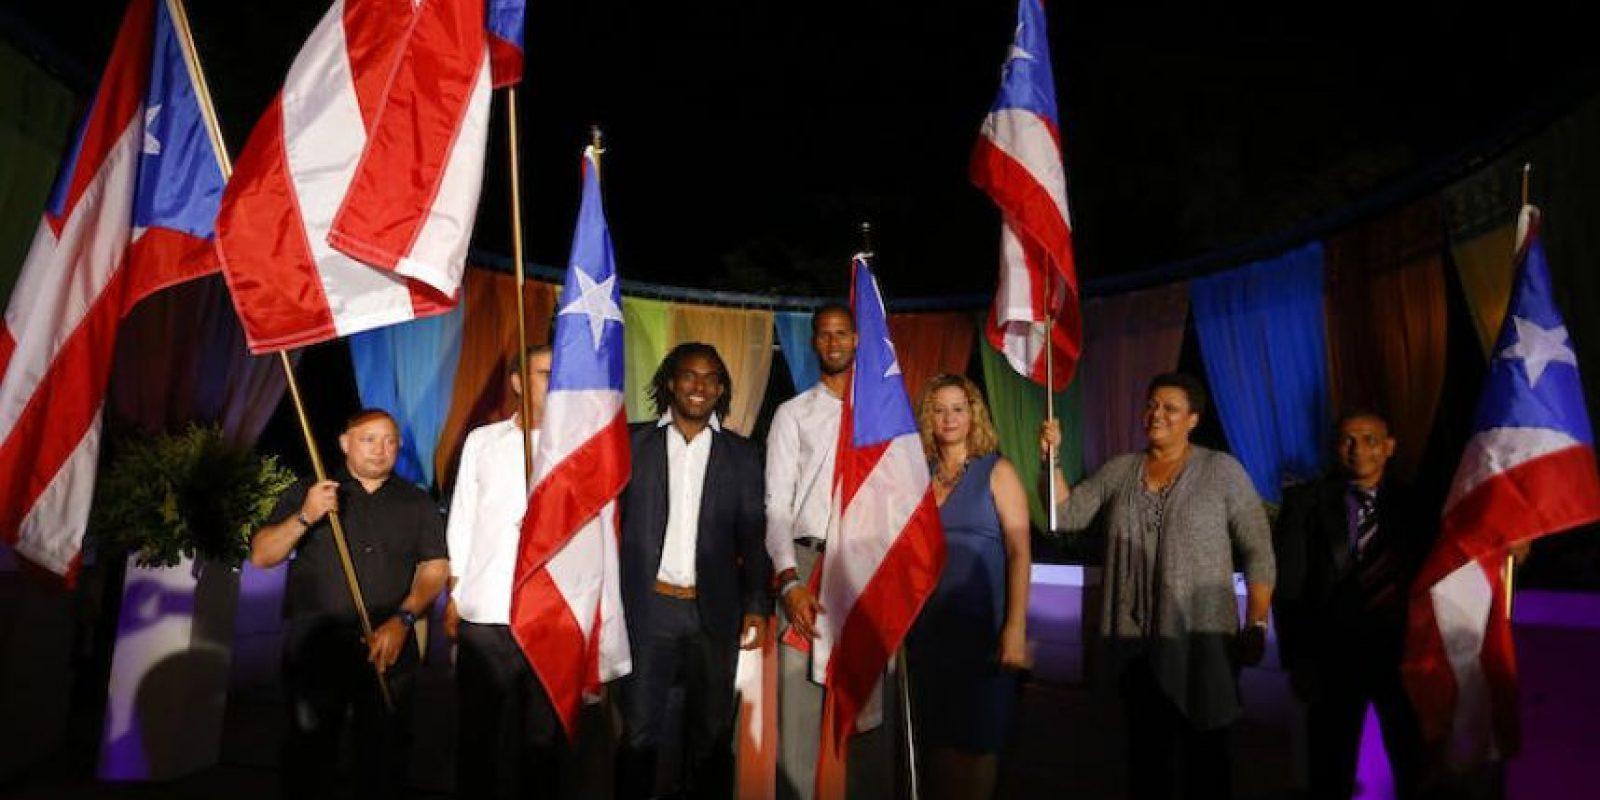 El luchador y medallista de plata en Londres 2012 Jaime Espinal (3-i) posa en su presentación como el abanderado de la delegación de Puerto Rico para los Juegos Olímpicos de Río de Janeiro realizada en la sede en el Comité Olímpico en San Juan. Foto:EFE. Imagen Por: